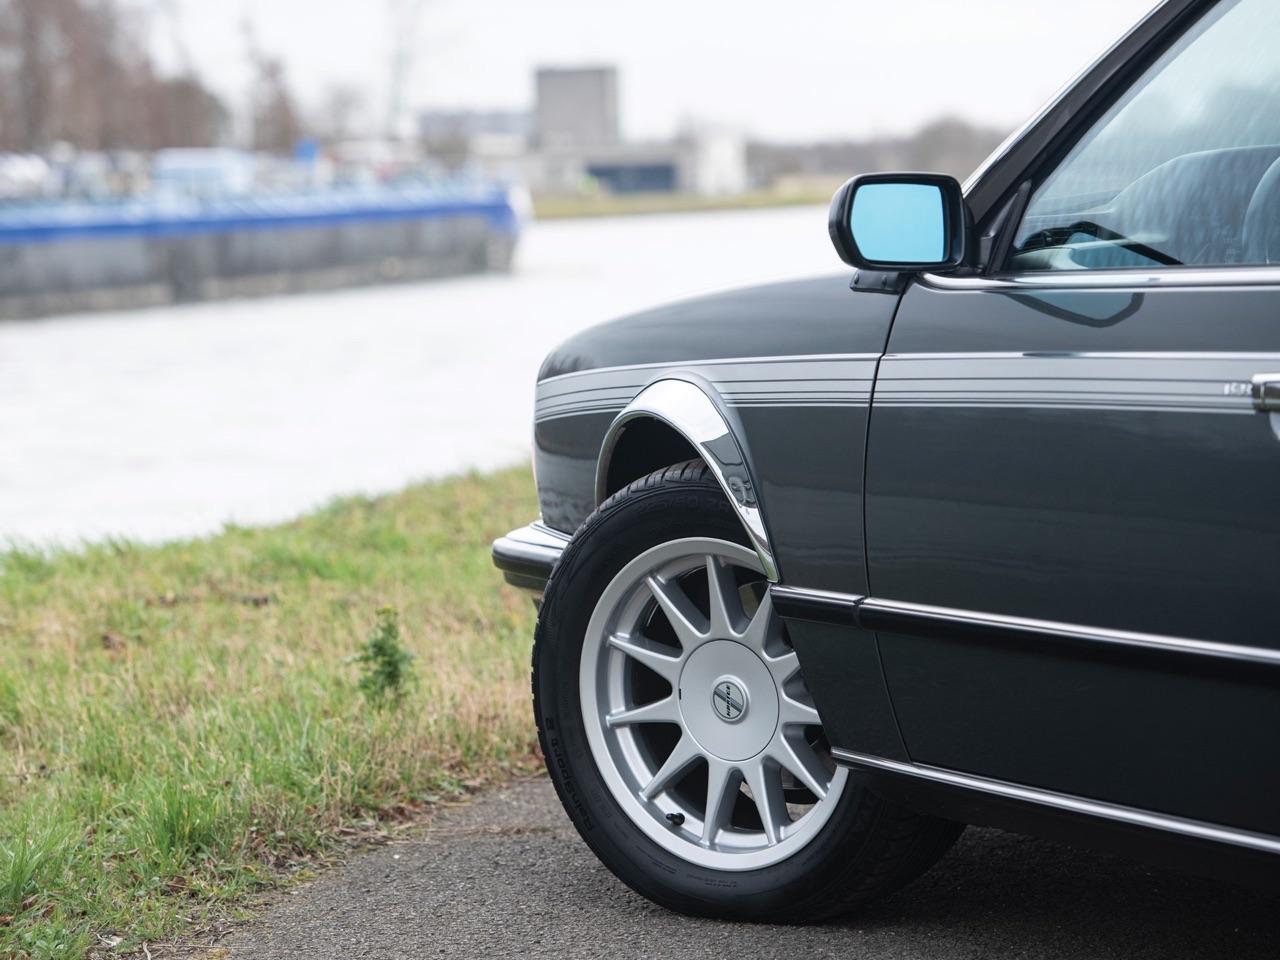 De BMW 635 Csi à Hartge H6 SP 9